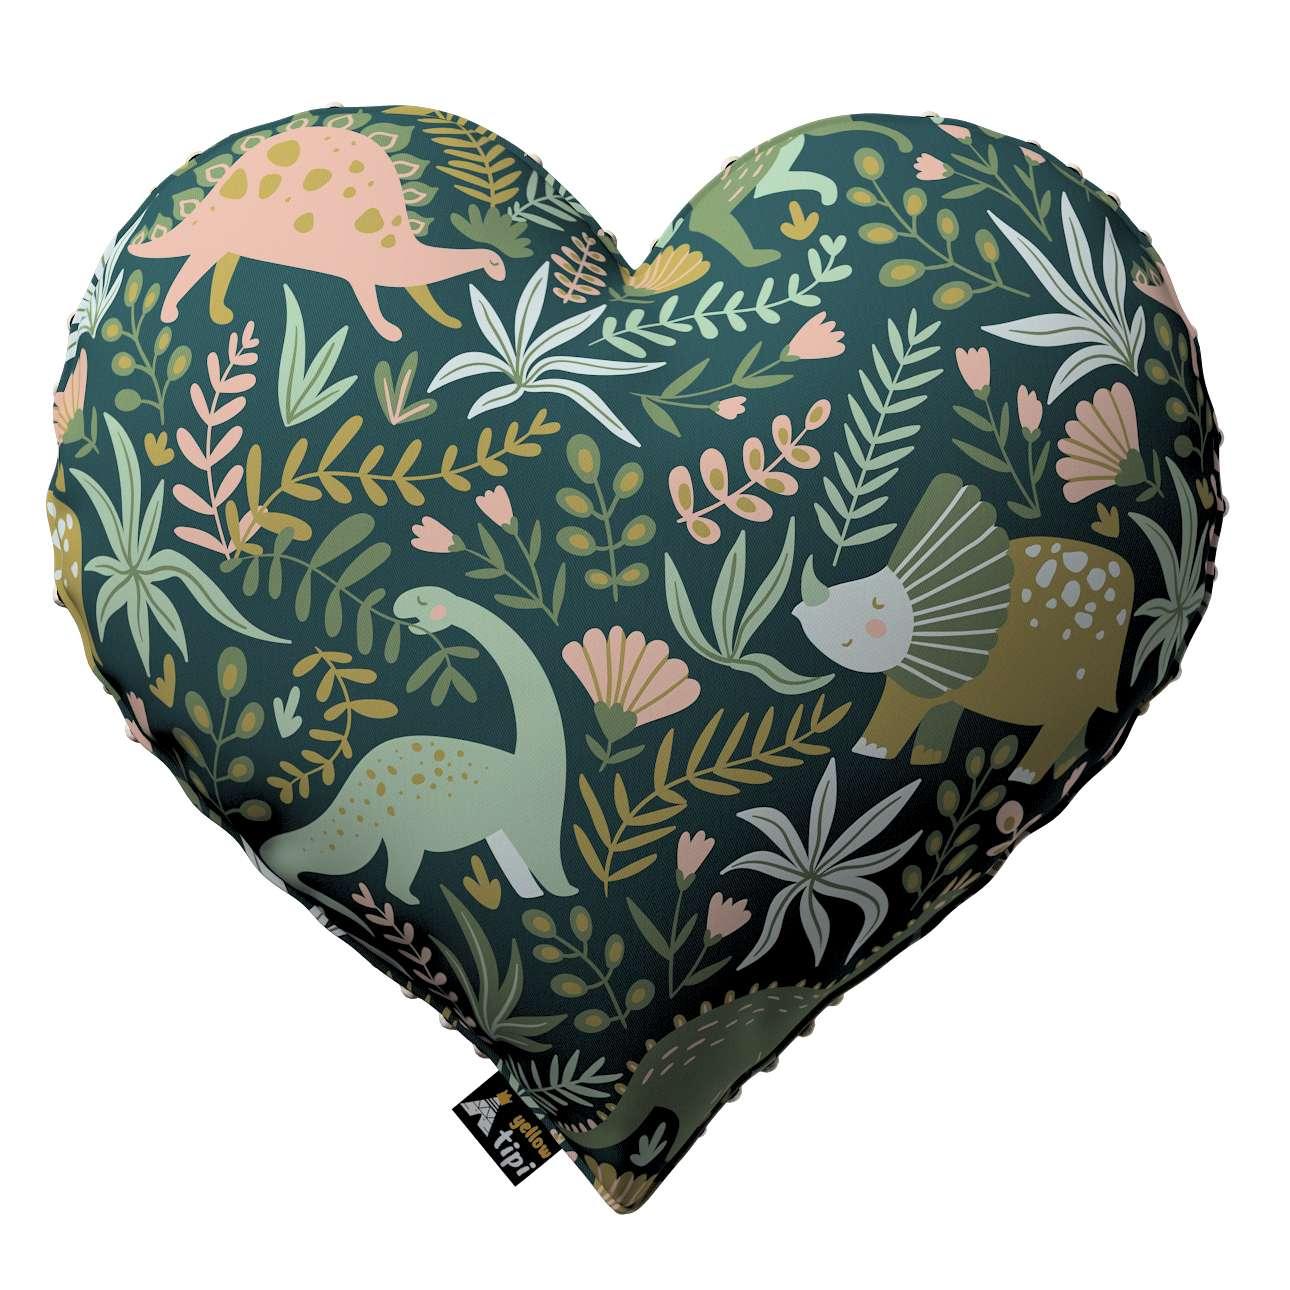 Kissen Heart of Love aus Minky von der Kollektion Magic Collection, Stoff: 500-20